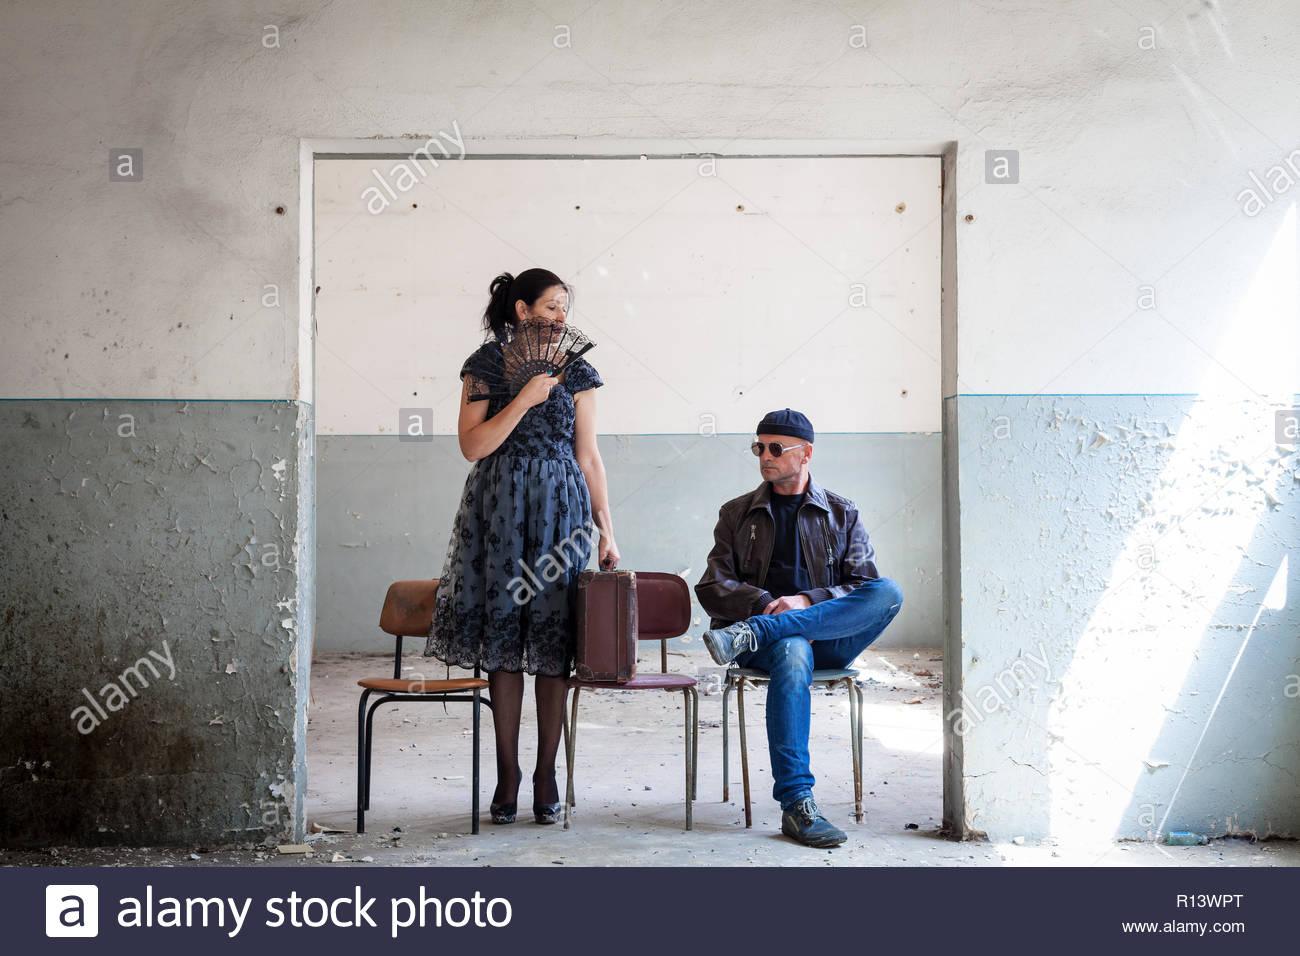 Full length shot of two strangers - Stock Image